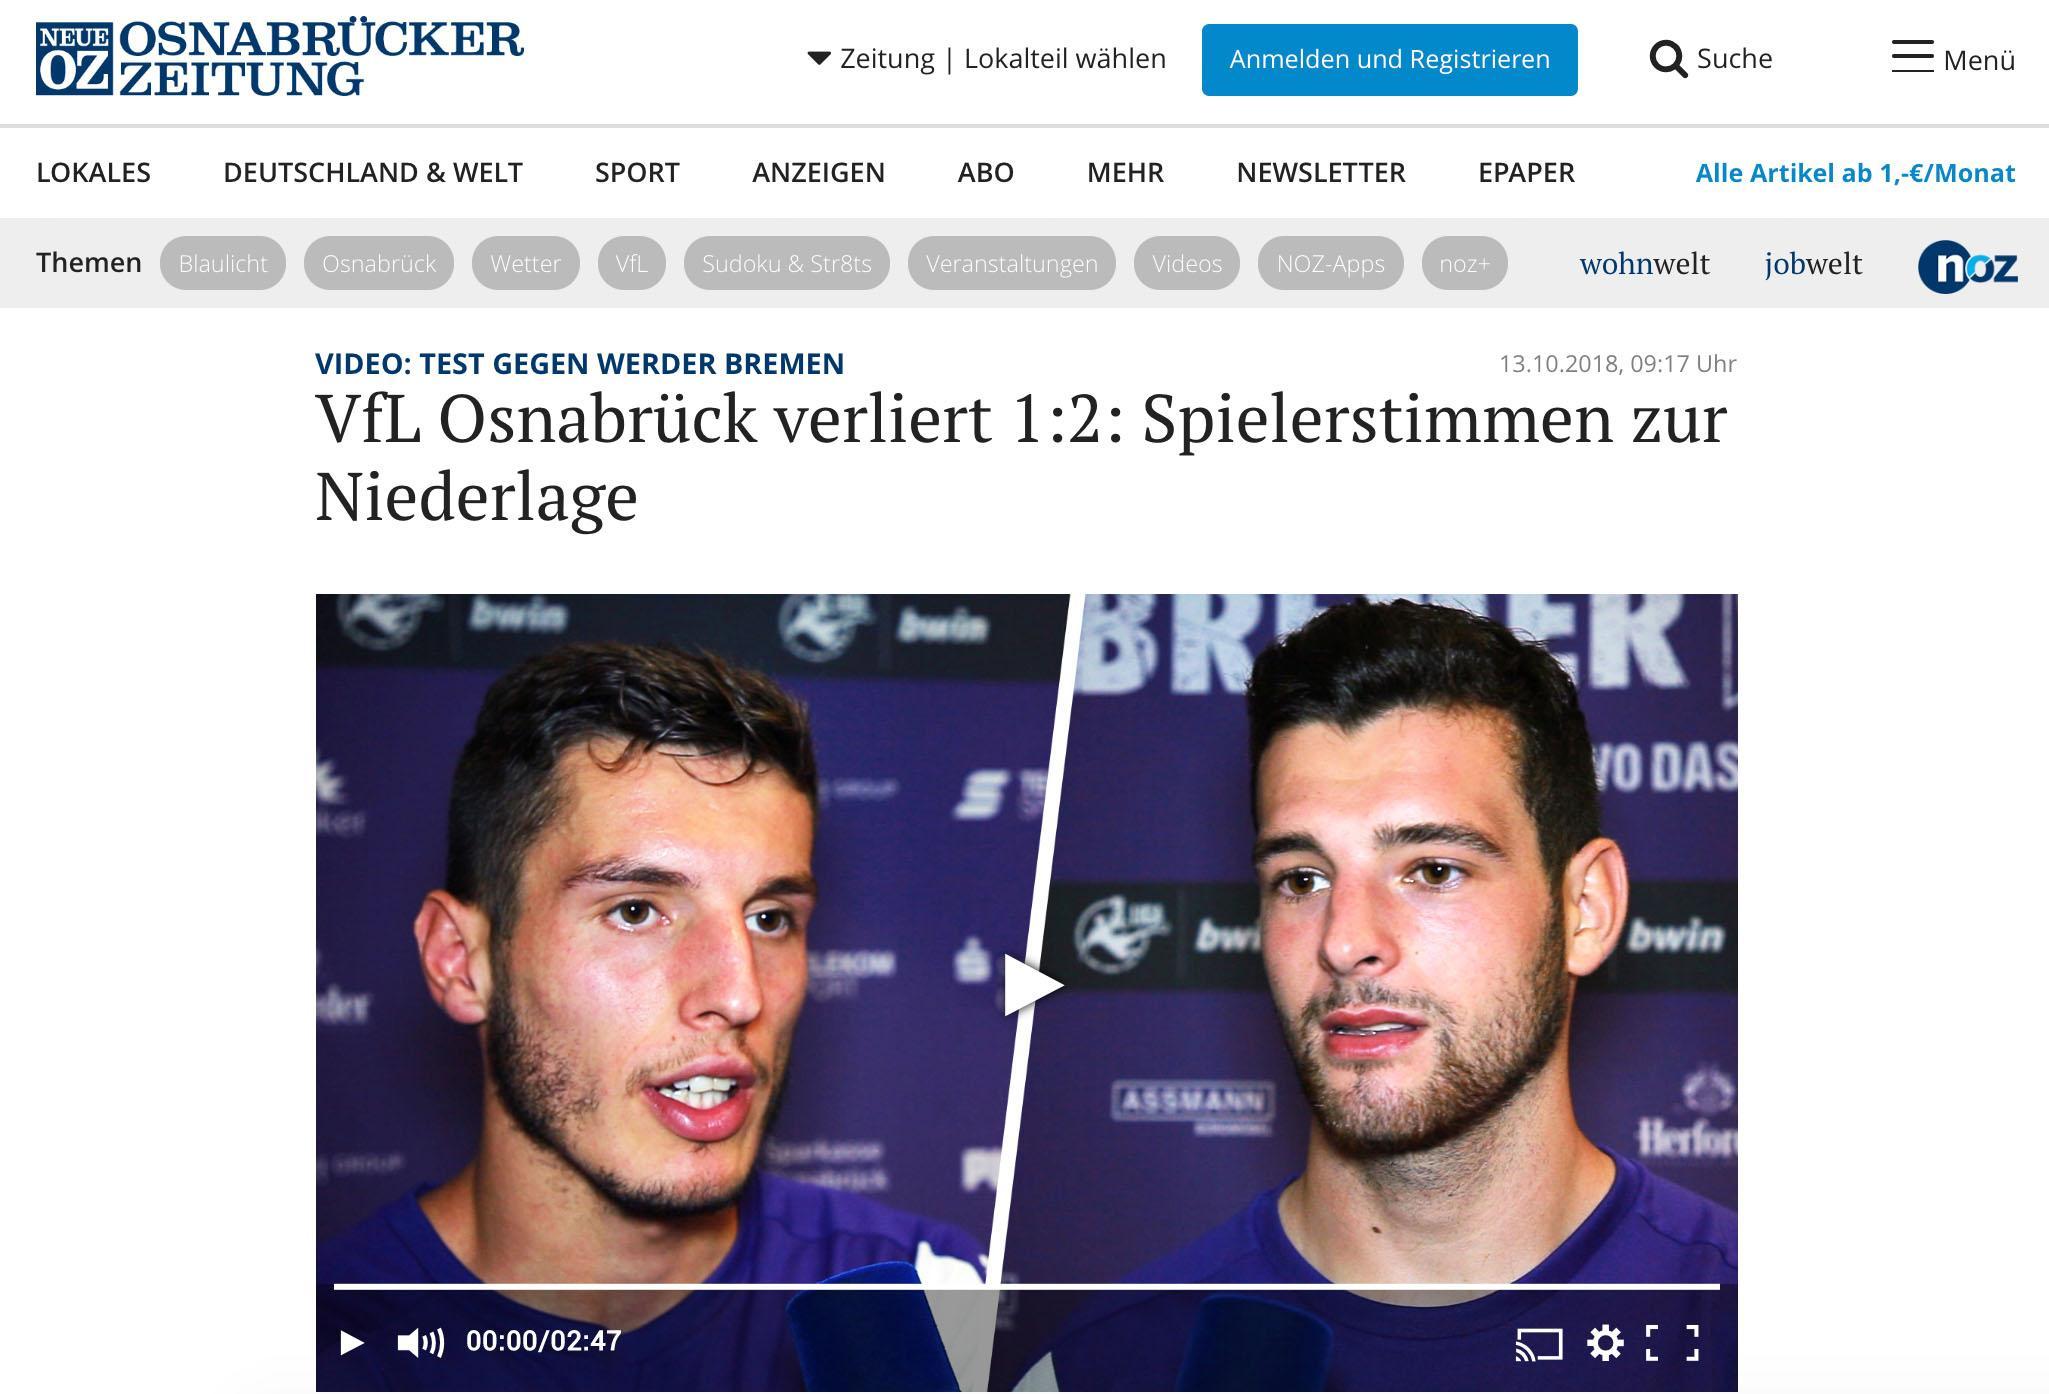 Screenshot Osnabruecker Zeitung